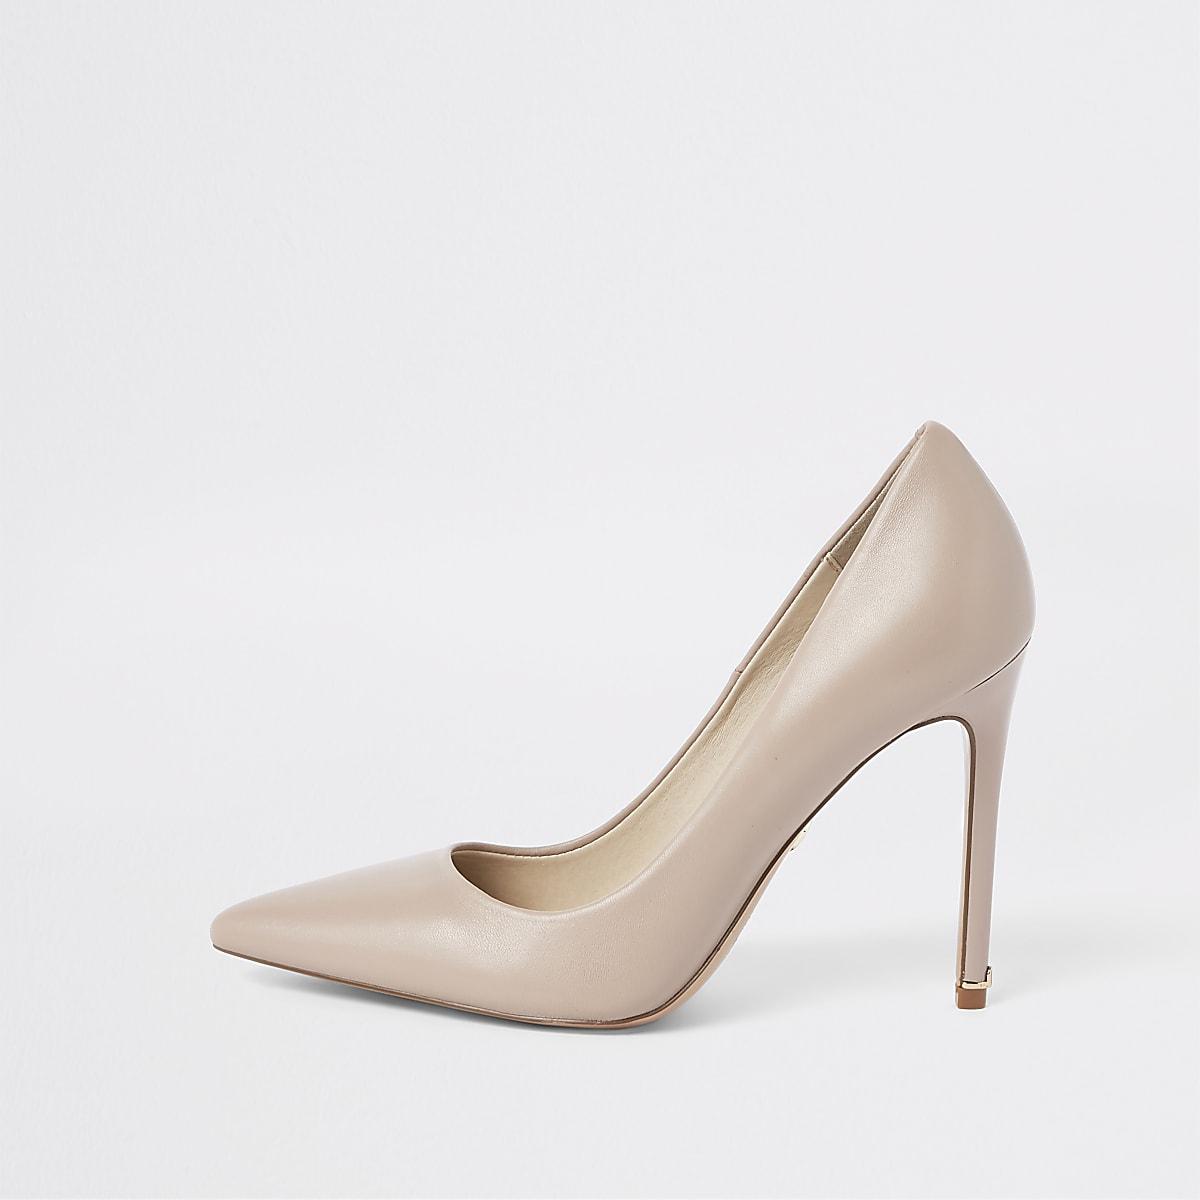 Escarpins en cuir rose clair